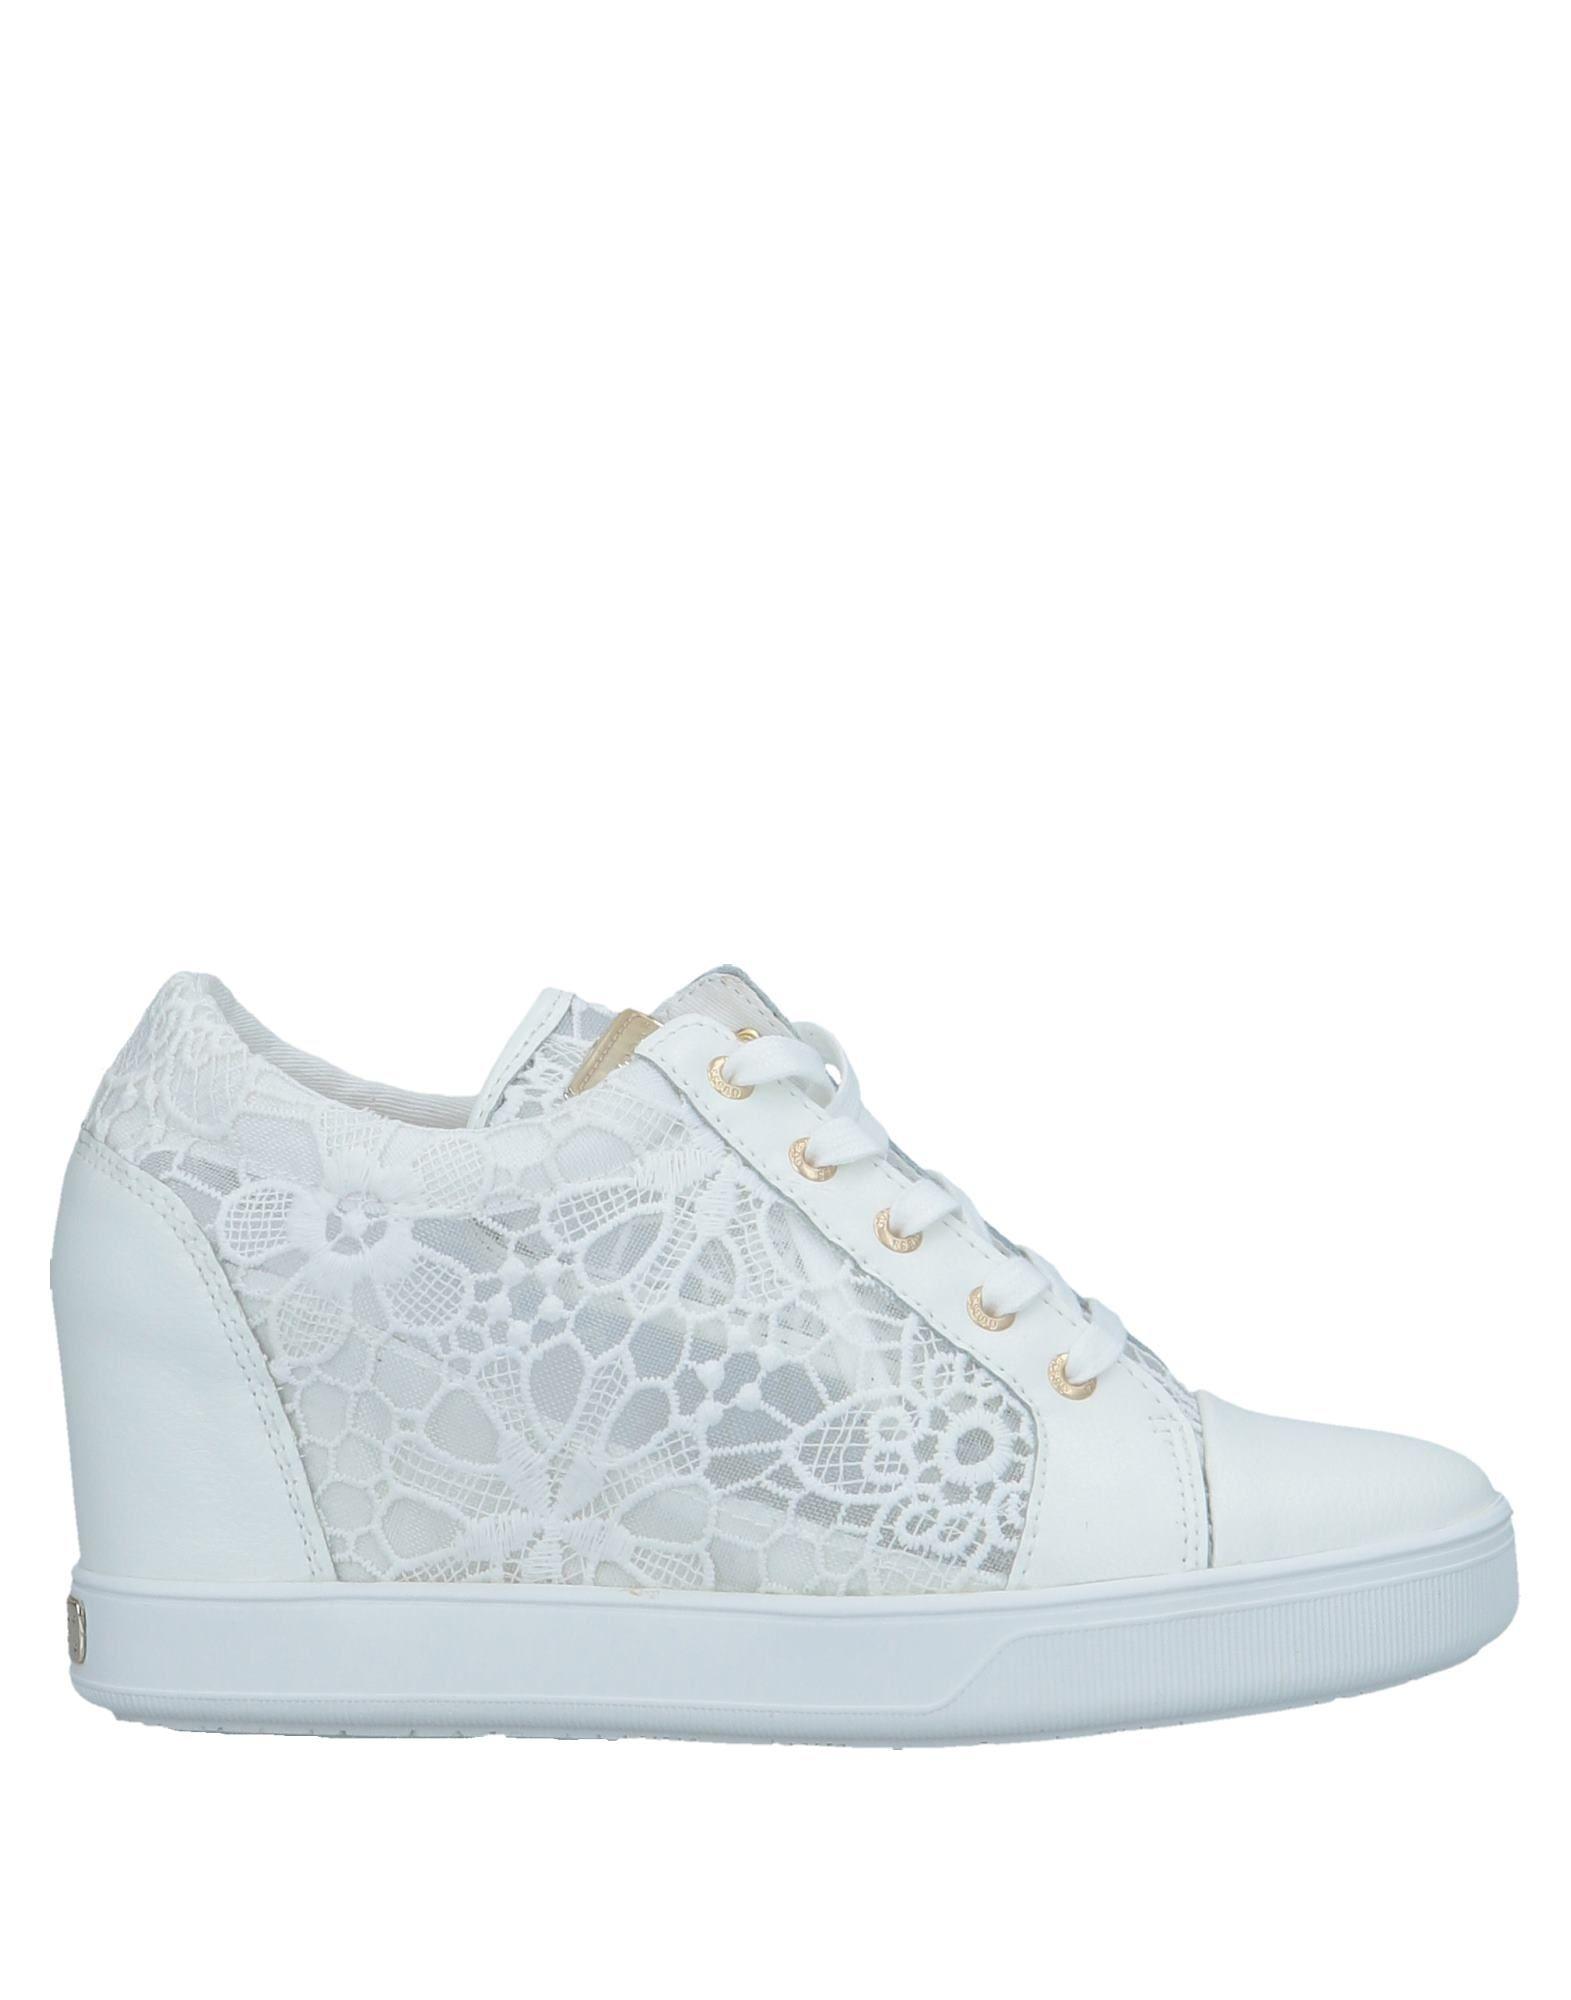 Guess Sneakers Damen  11538967DL Gute Qualität beliebte Schuhe